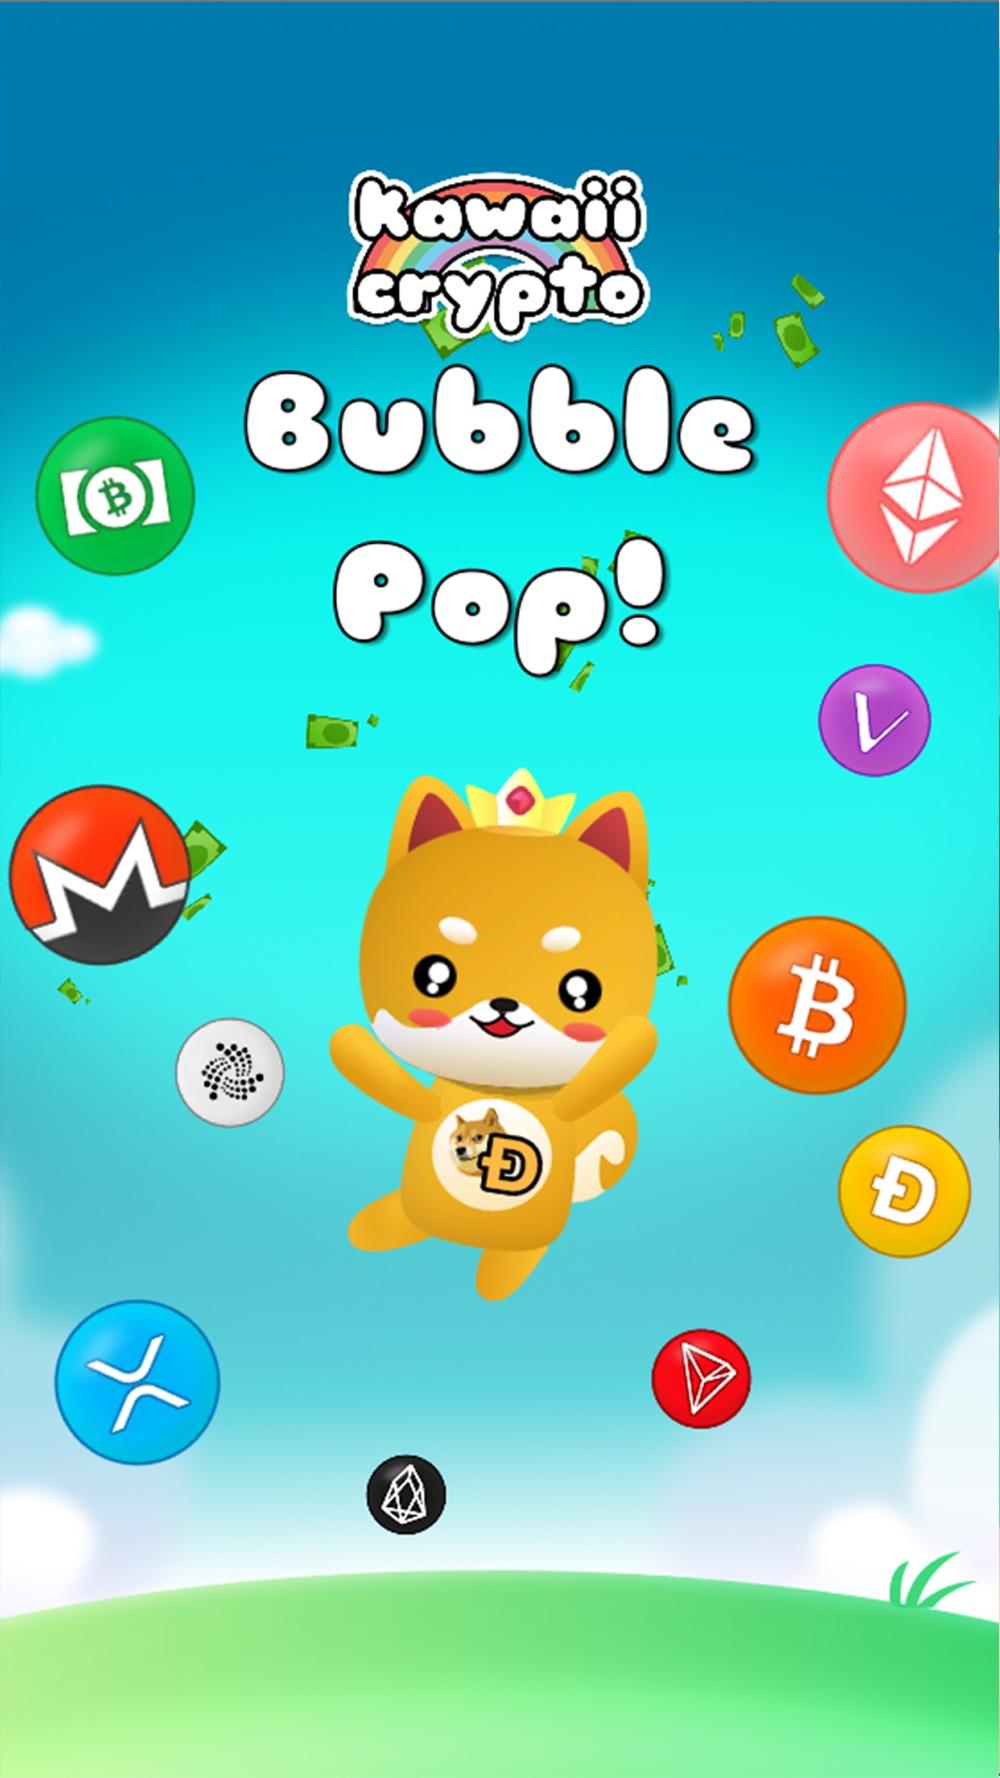 Kawaii Crypto Bubble Pop Cheat Codes